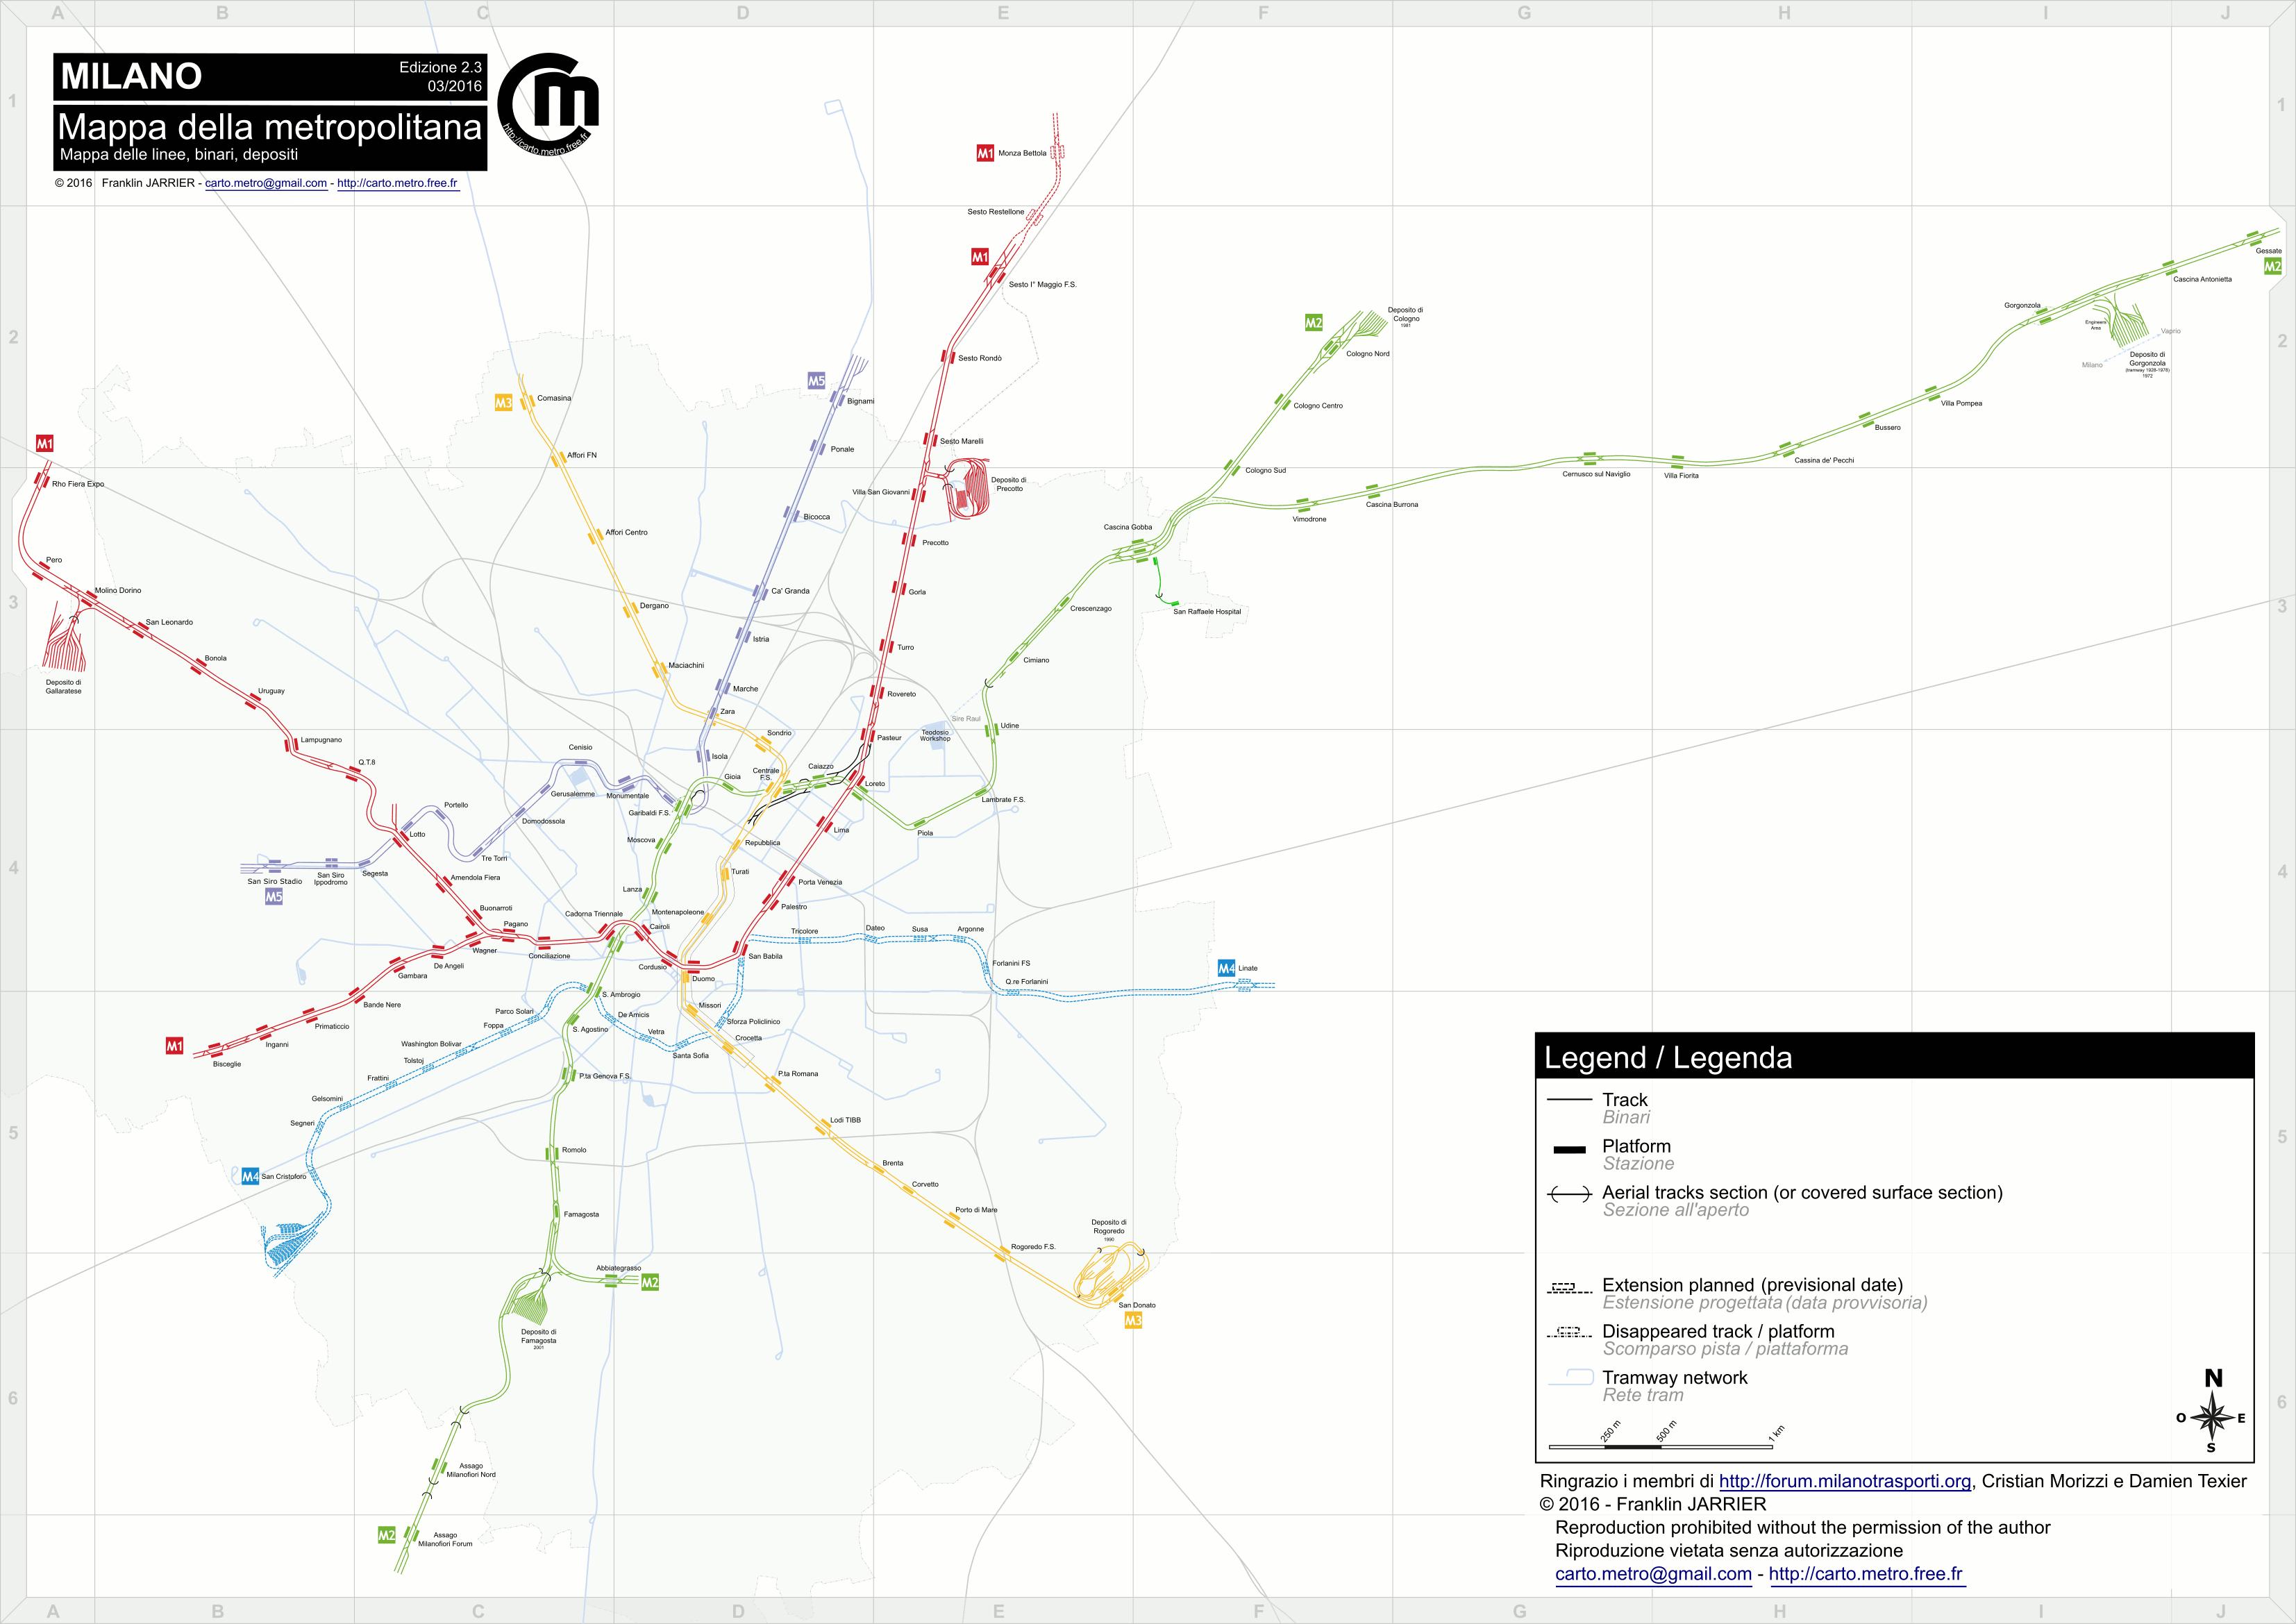 Milan Subway Map.Detailled Tracks Map Paris Lyon Lausanne Milan Turin Tracks Maps